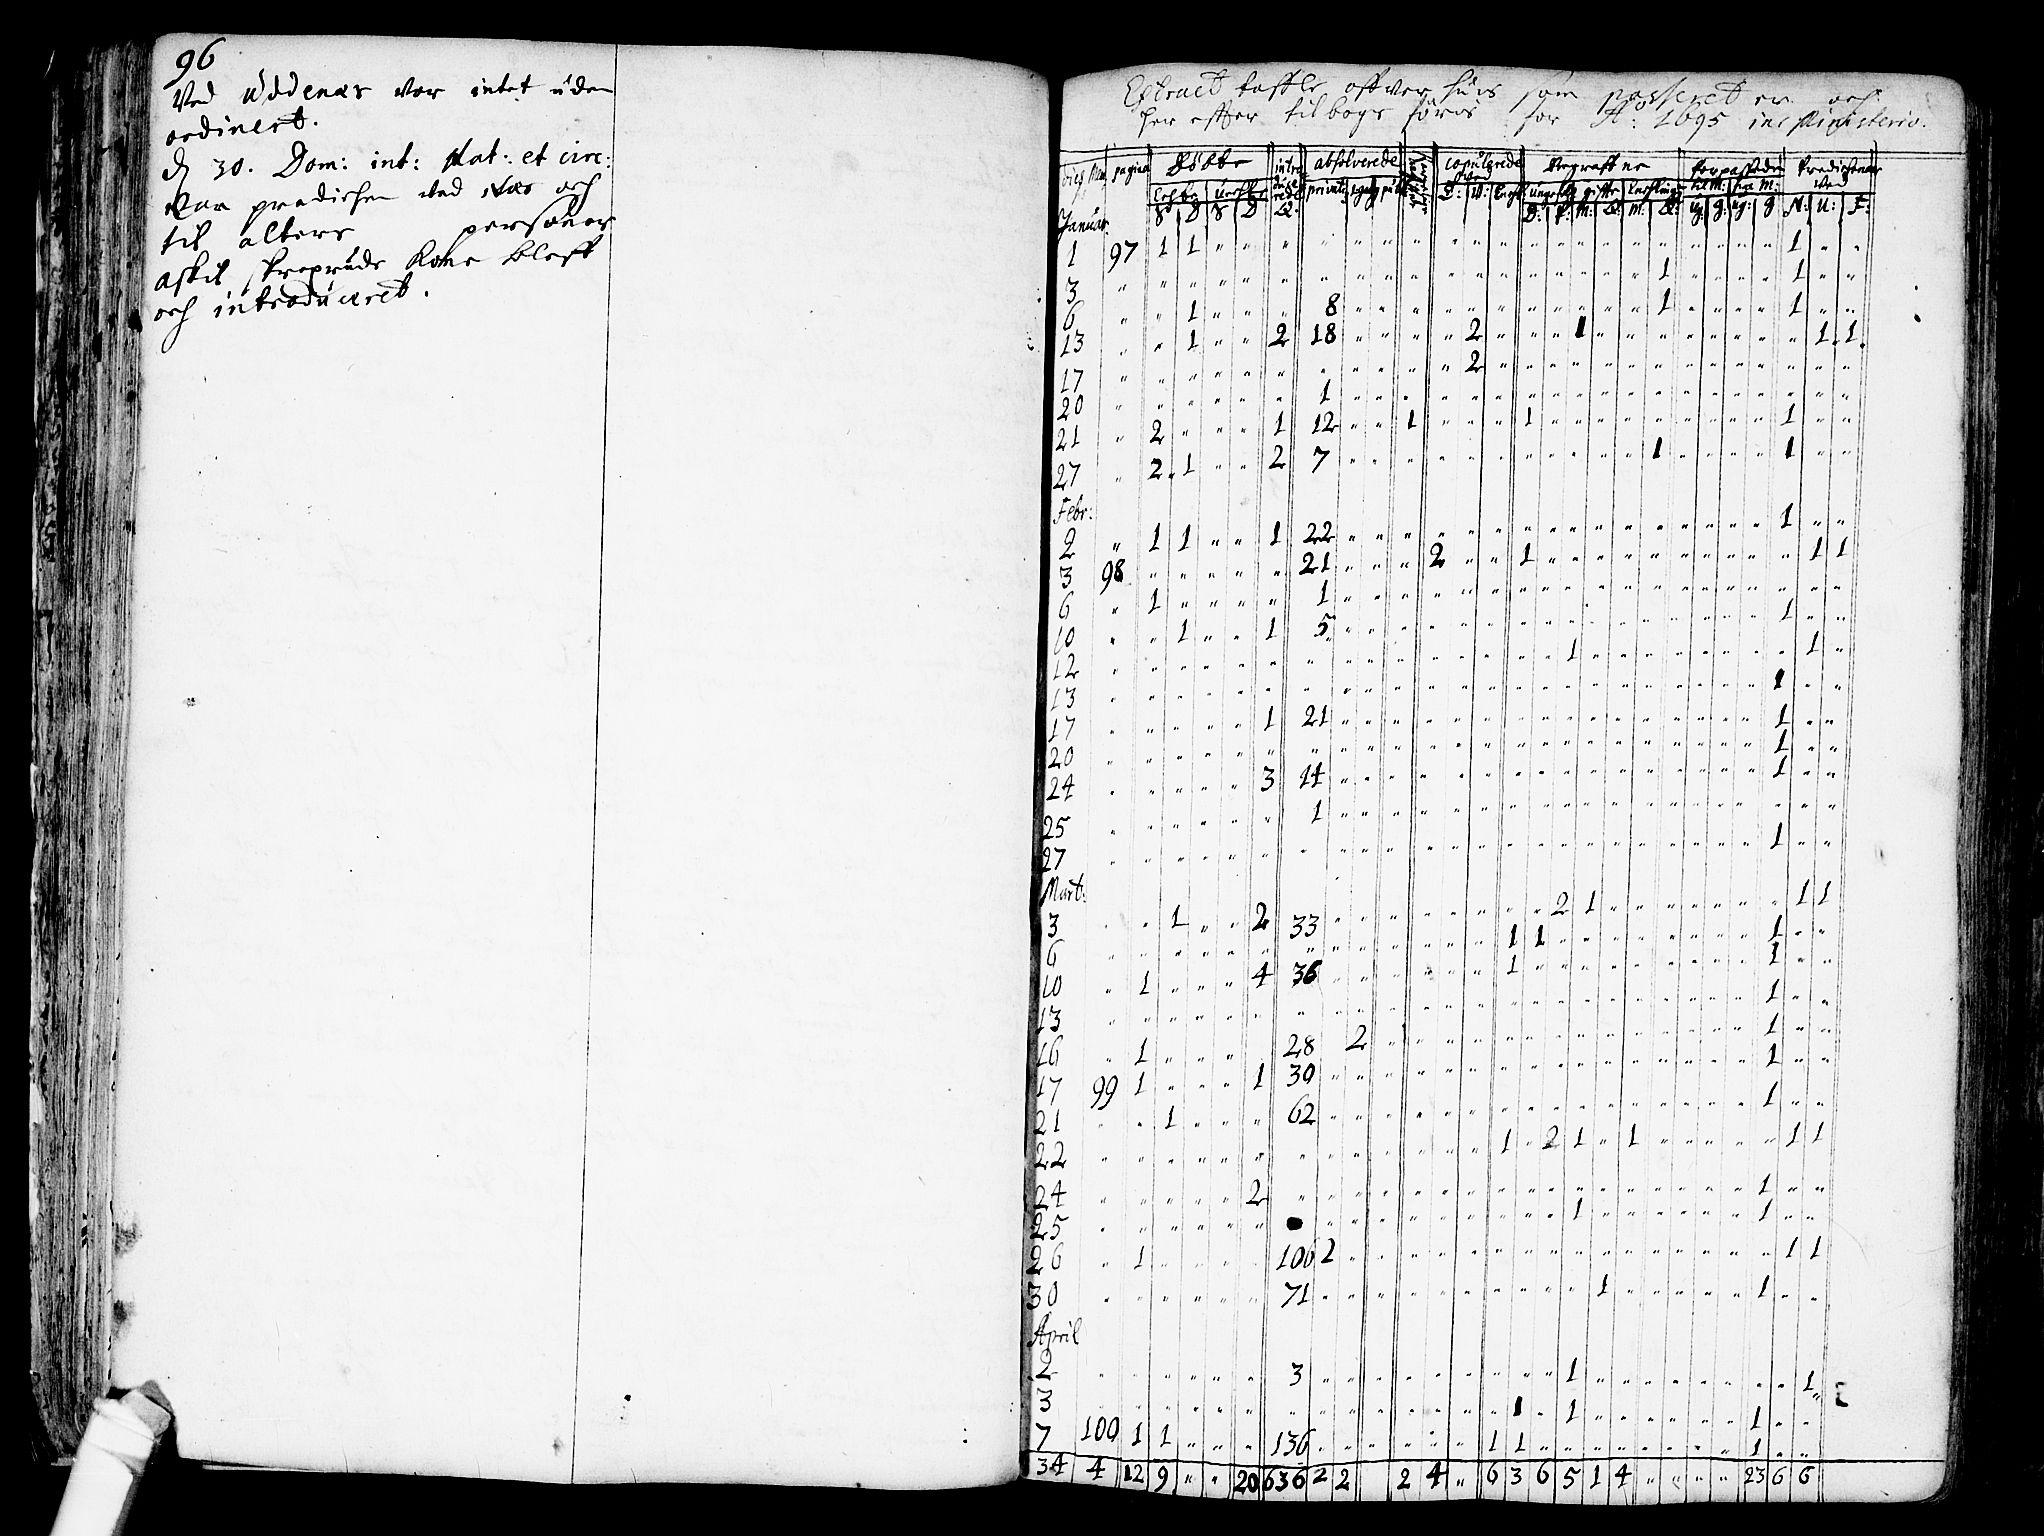 SAO, Nes prestekontor Kirkebøker, F/Fa/L0001: Ministerialbok nr. I 1, 1689-1716, s. 96a-96b